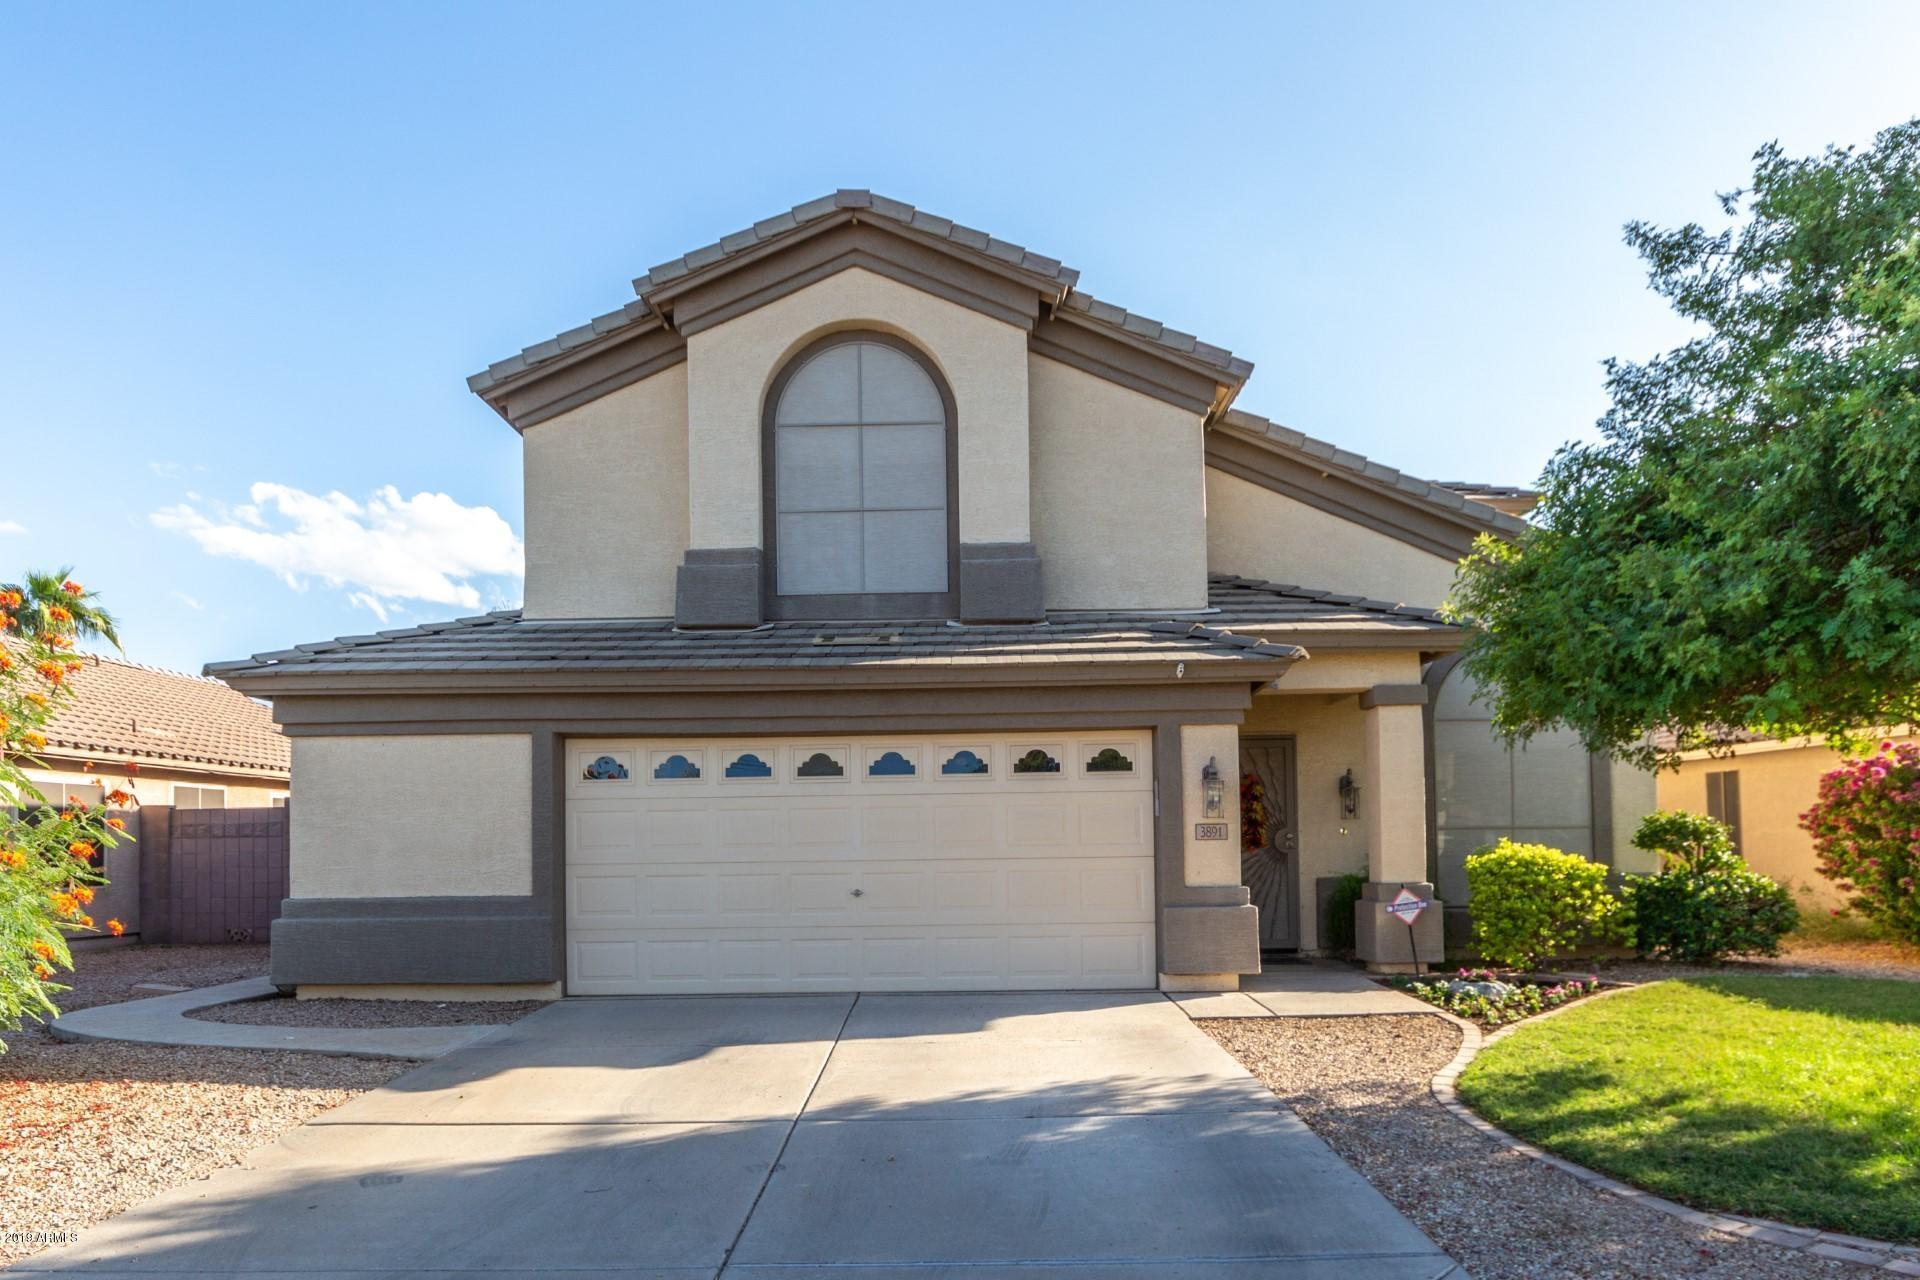 Photo of 3891 E VAUGHN Avenue, Gilbert, AZ 85234